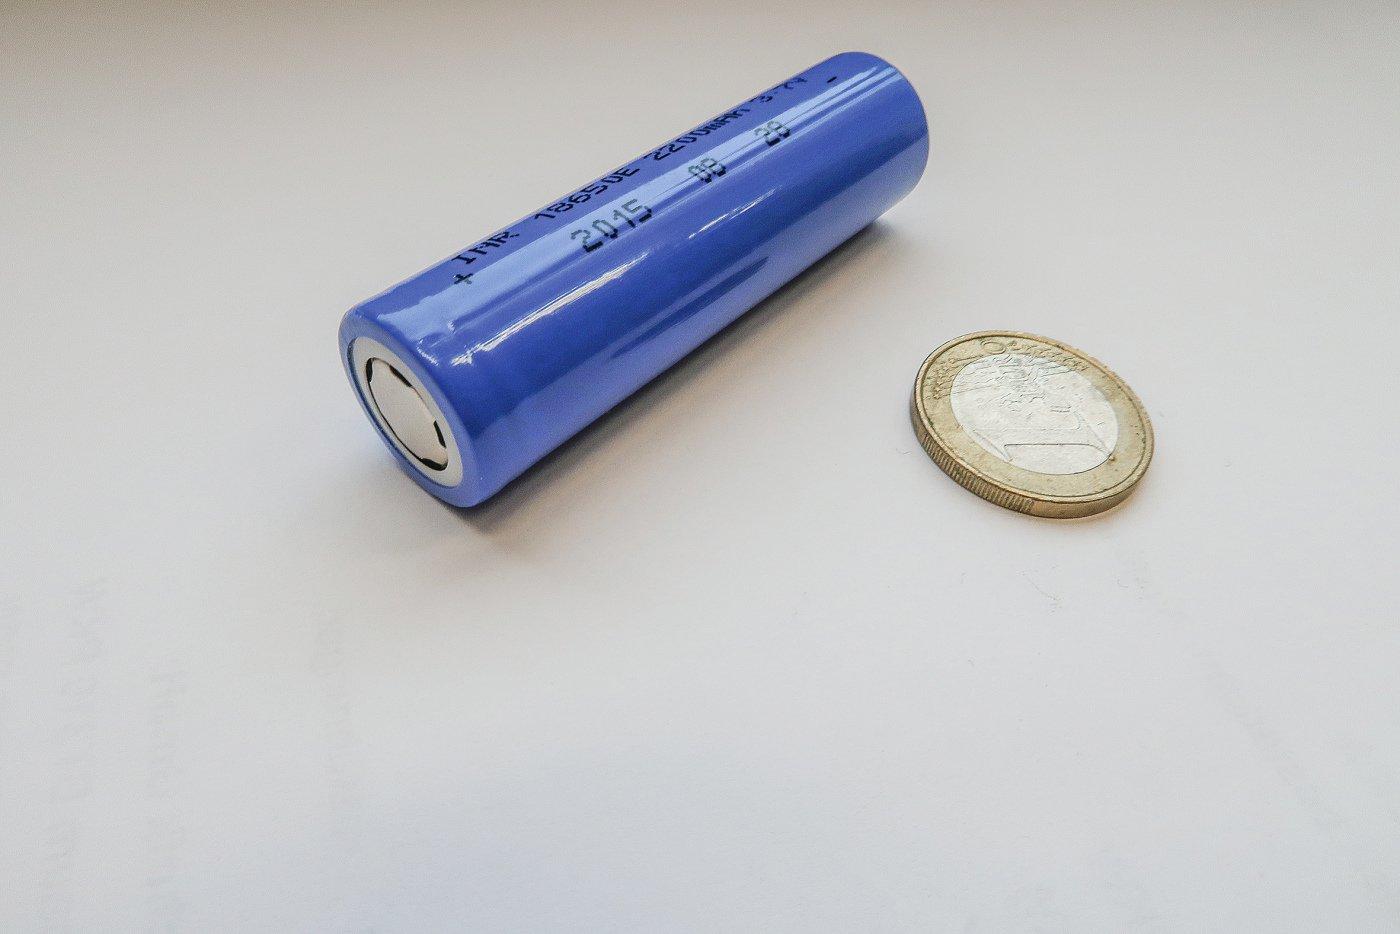 Zylindrische 18650-Zelle